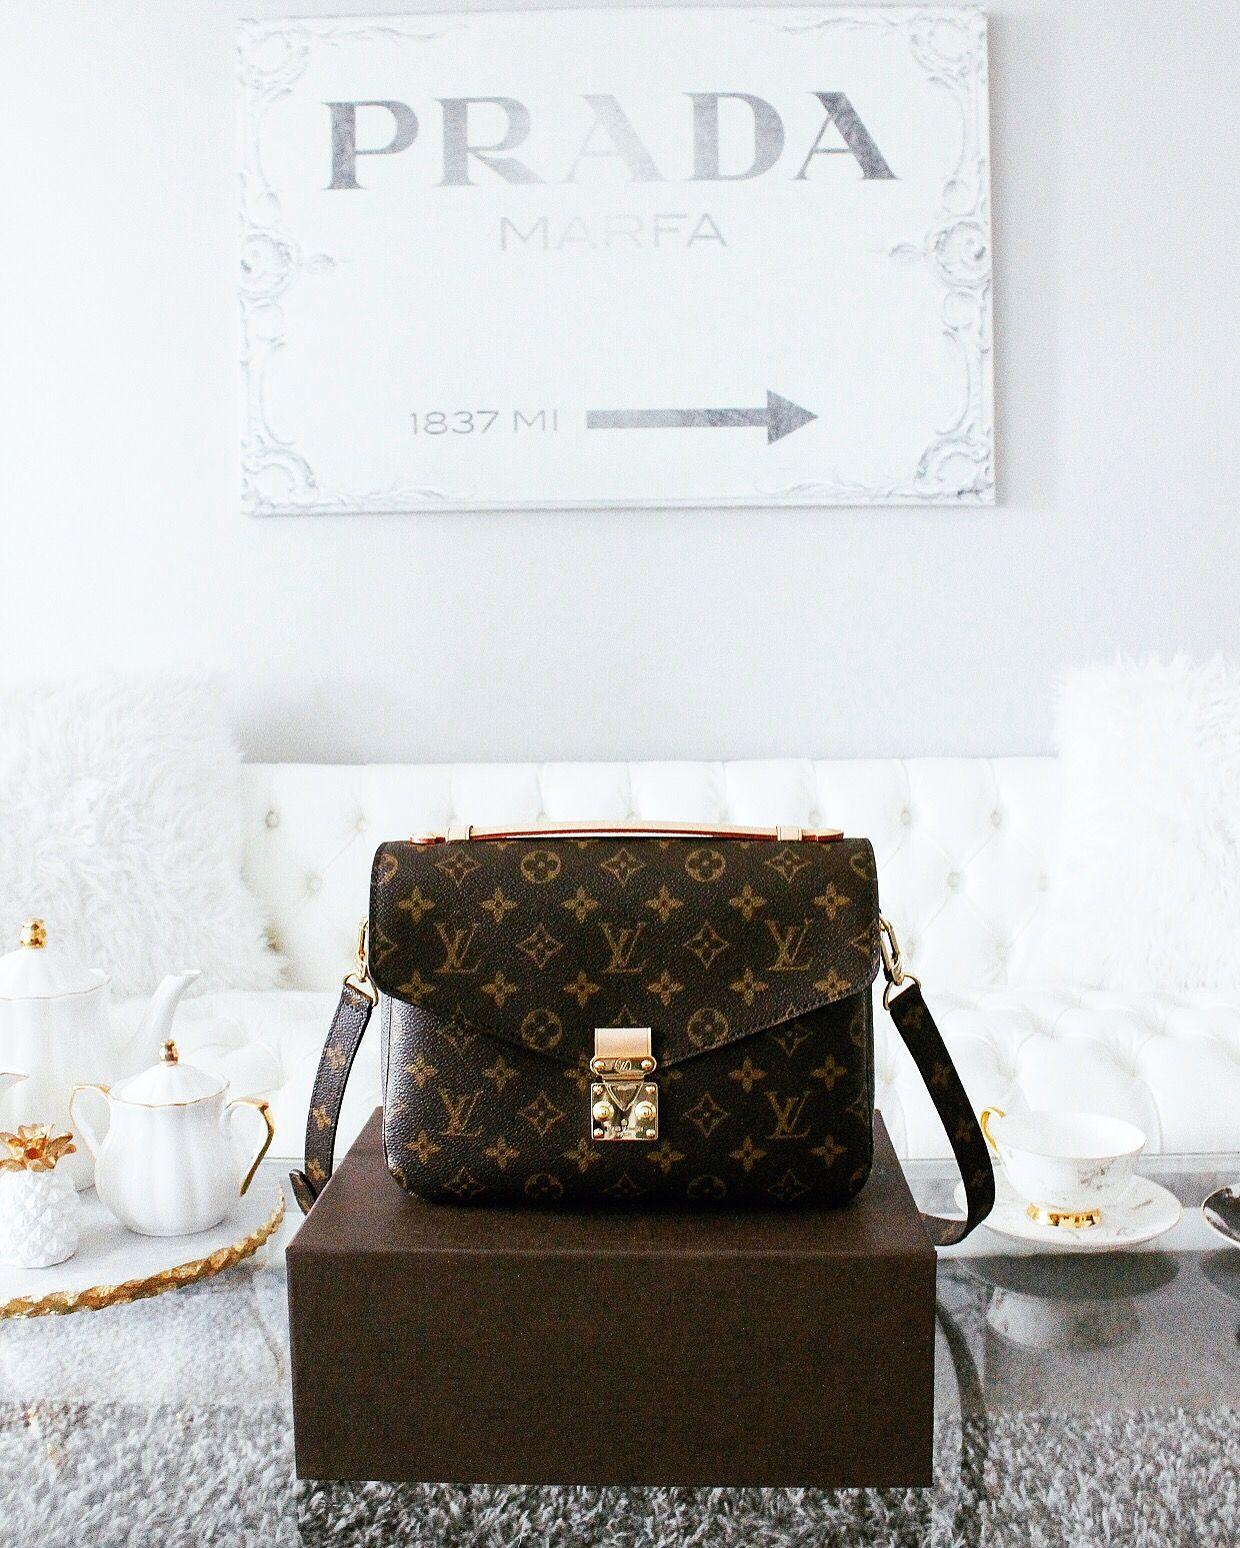 91568033f05ac Louis Vuitton Pochette Métis - Nina Schwichtenberg verrät euch in ihrem  Trendreport